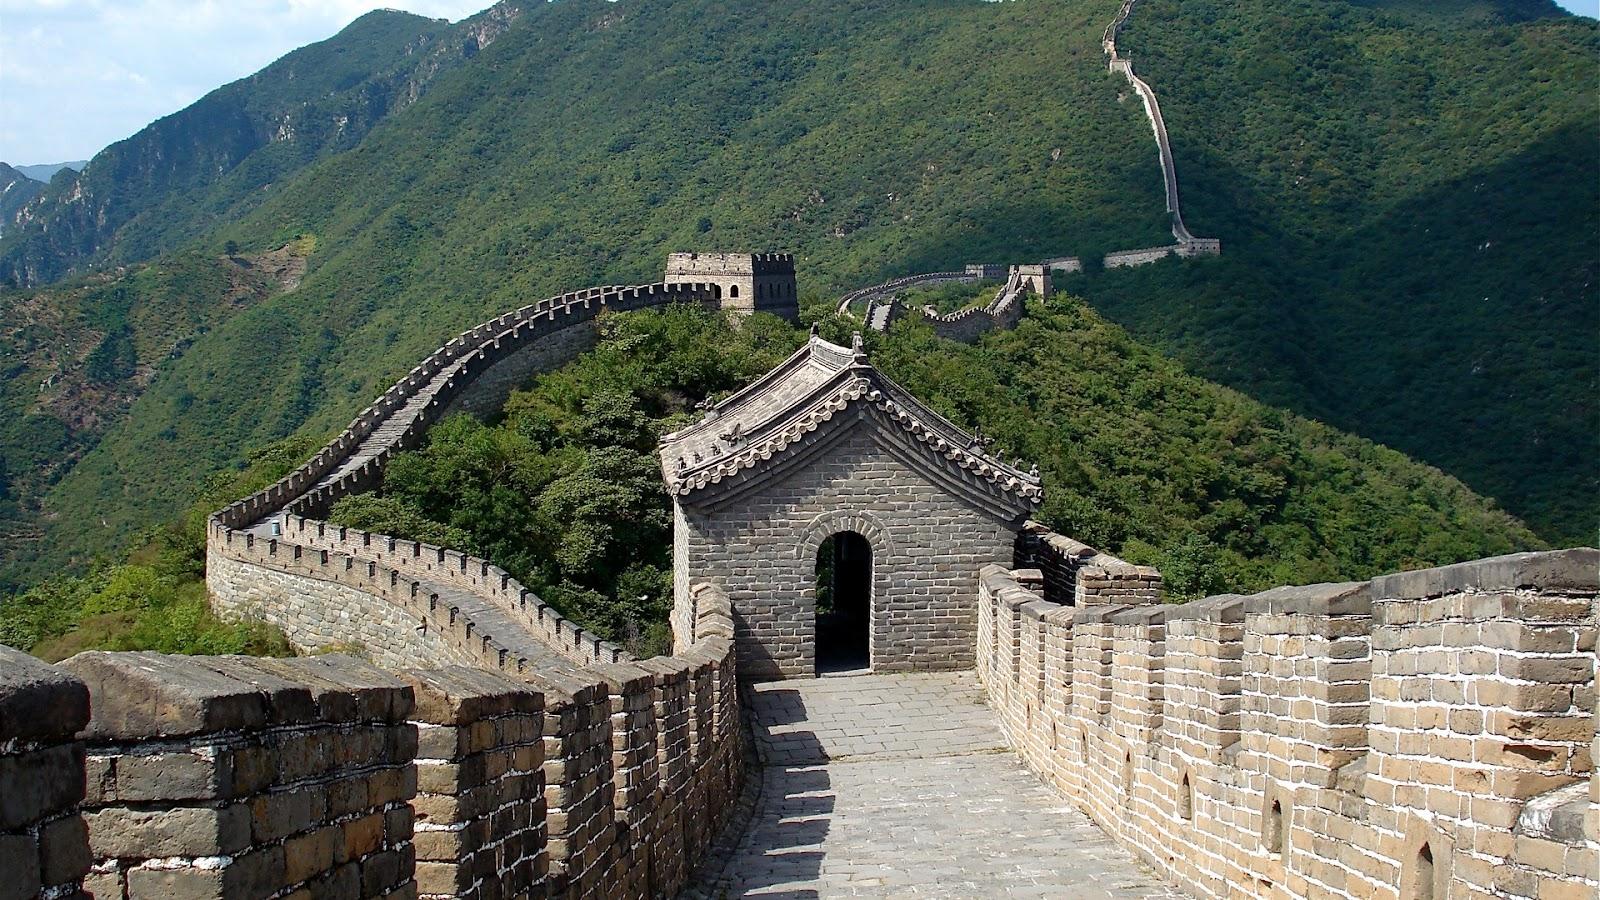 http://1.bp.blogspot.com/-Mn1cfbXyGPo/UA0ODkzUMxI/AAAAAAAAADw/HOpnBkcqEXM/s1600/Famous+Landmarks+great-wall-of-china-1920-1080-3249.jpg